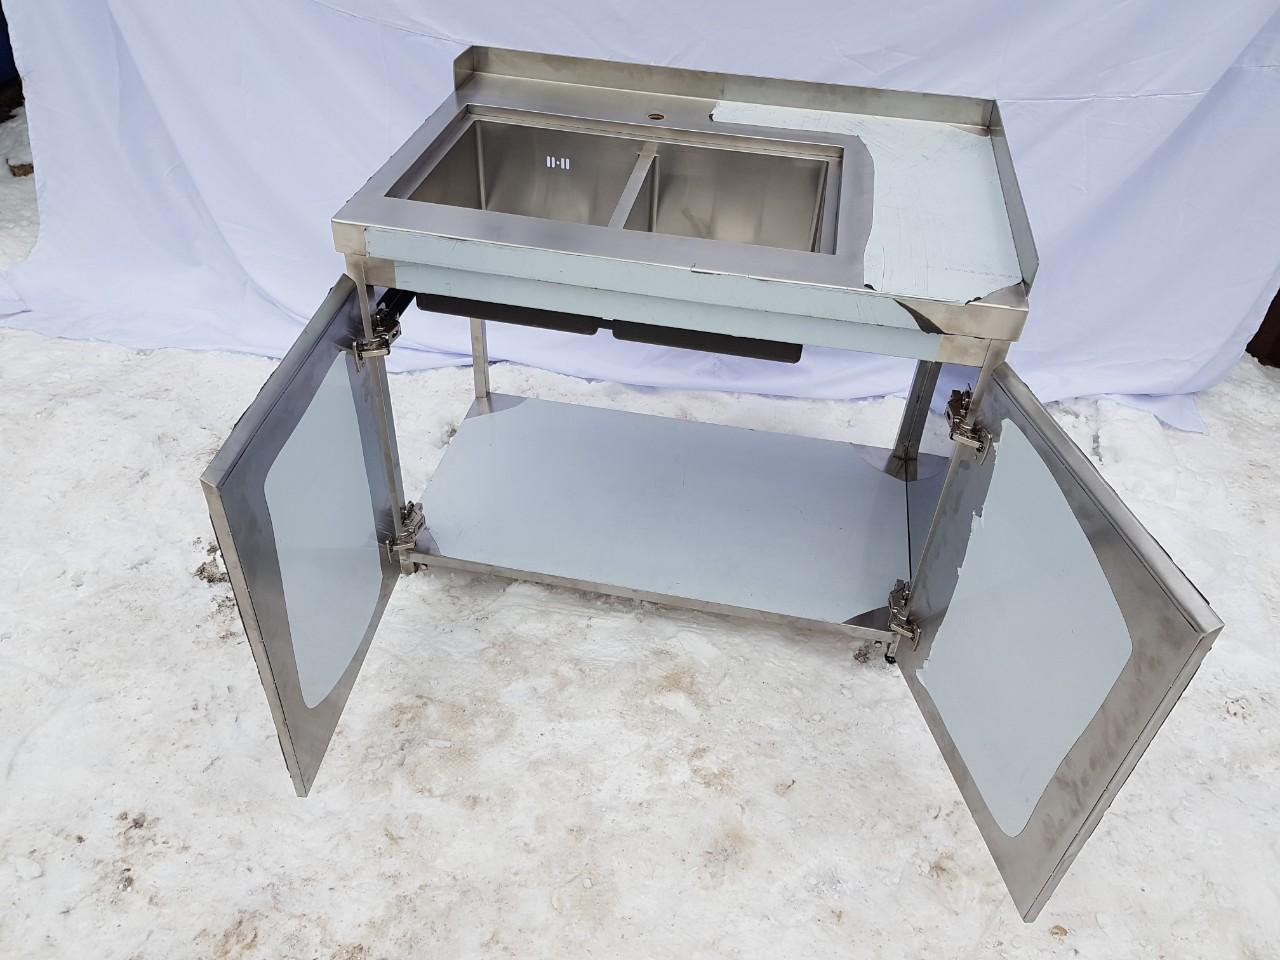 Стол с мойкой штампованной (цельнотянутой) 1200мм x 600мм x 850мм - фотография №1